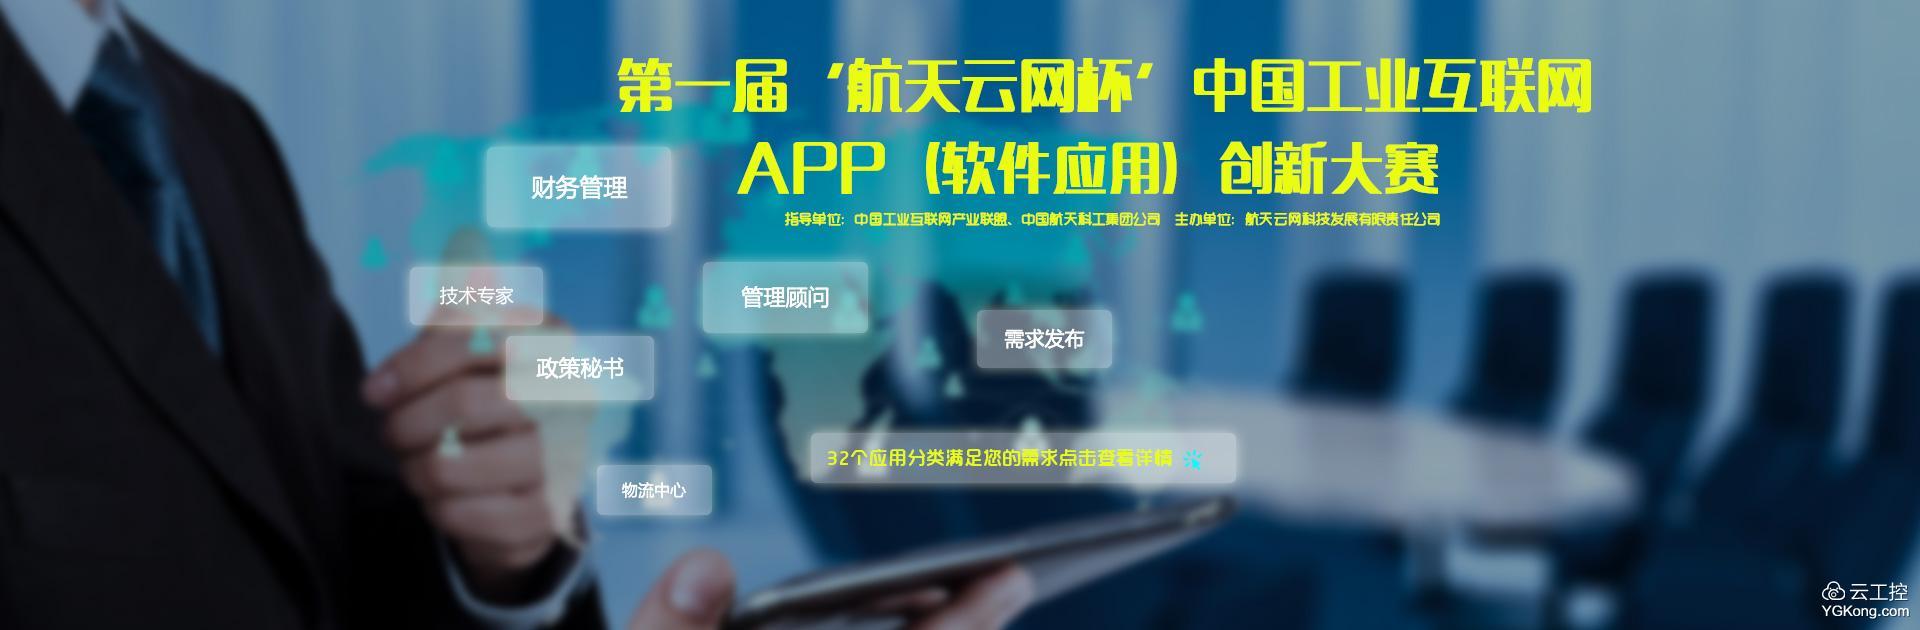 中国工控资源网_[航天云网杯]云工控,最专业的工控采购服务平台-行业热点